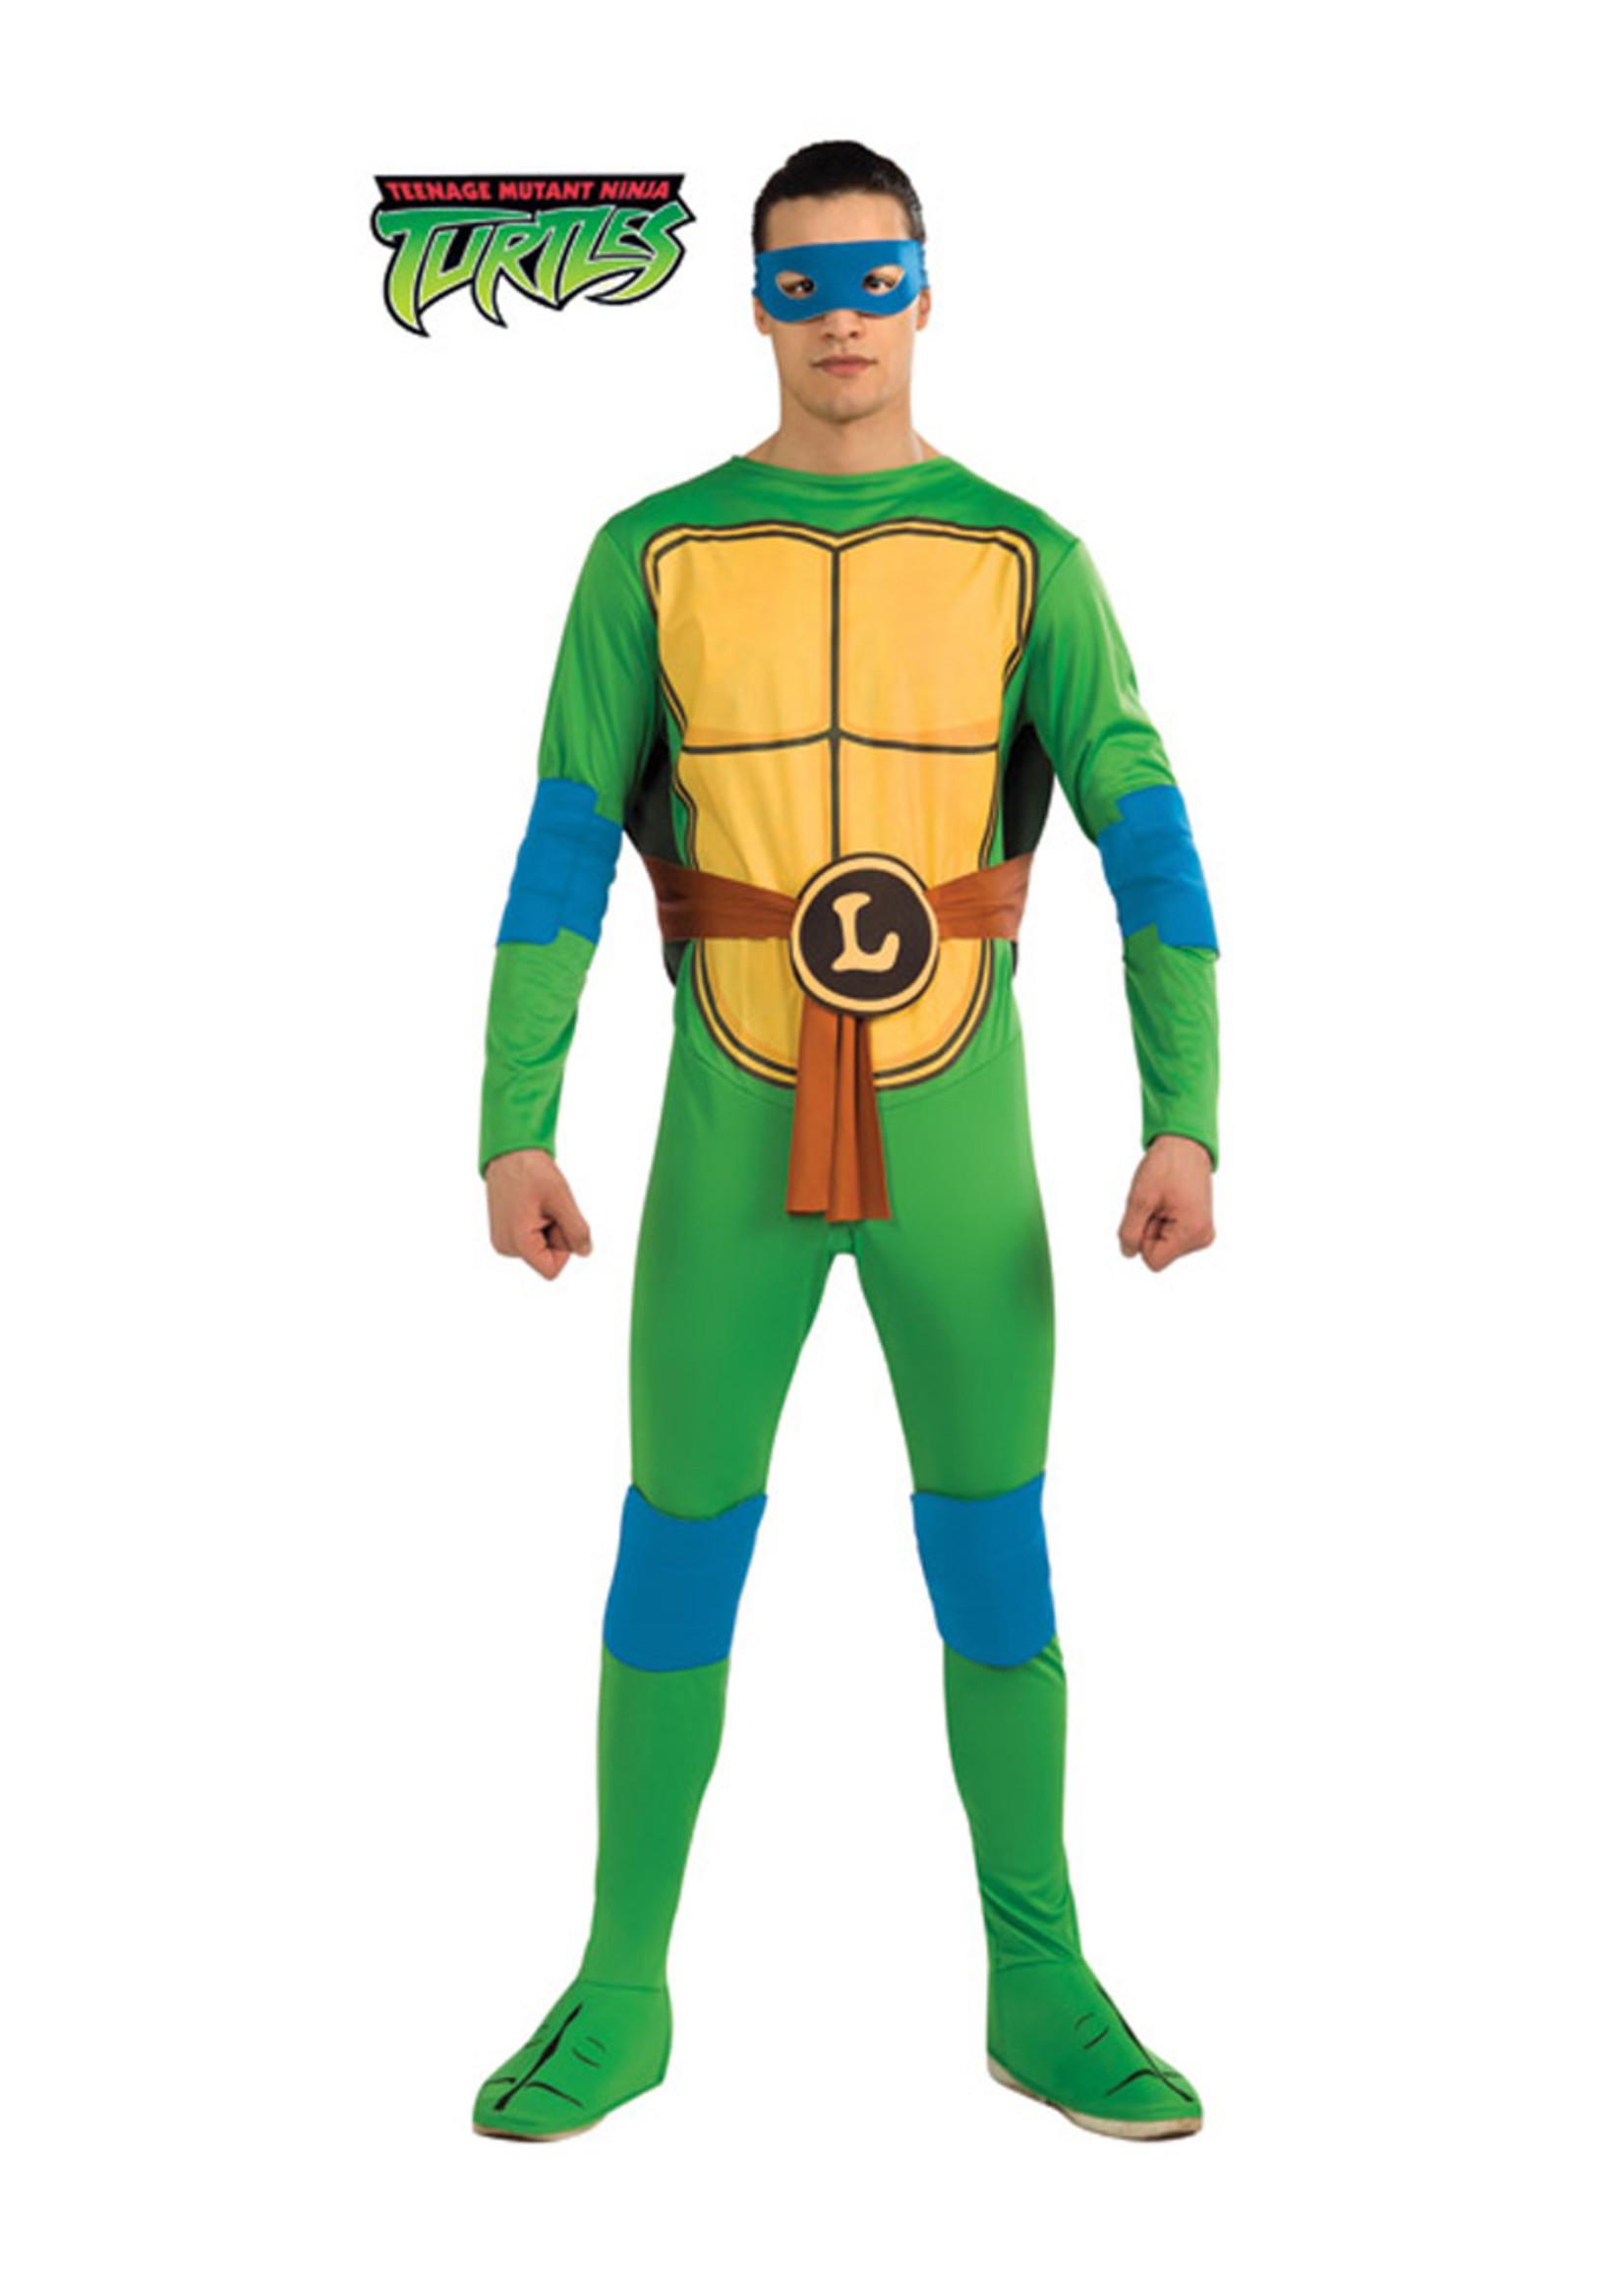 Leonardo TMNT Costume - Men's